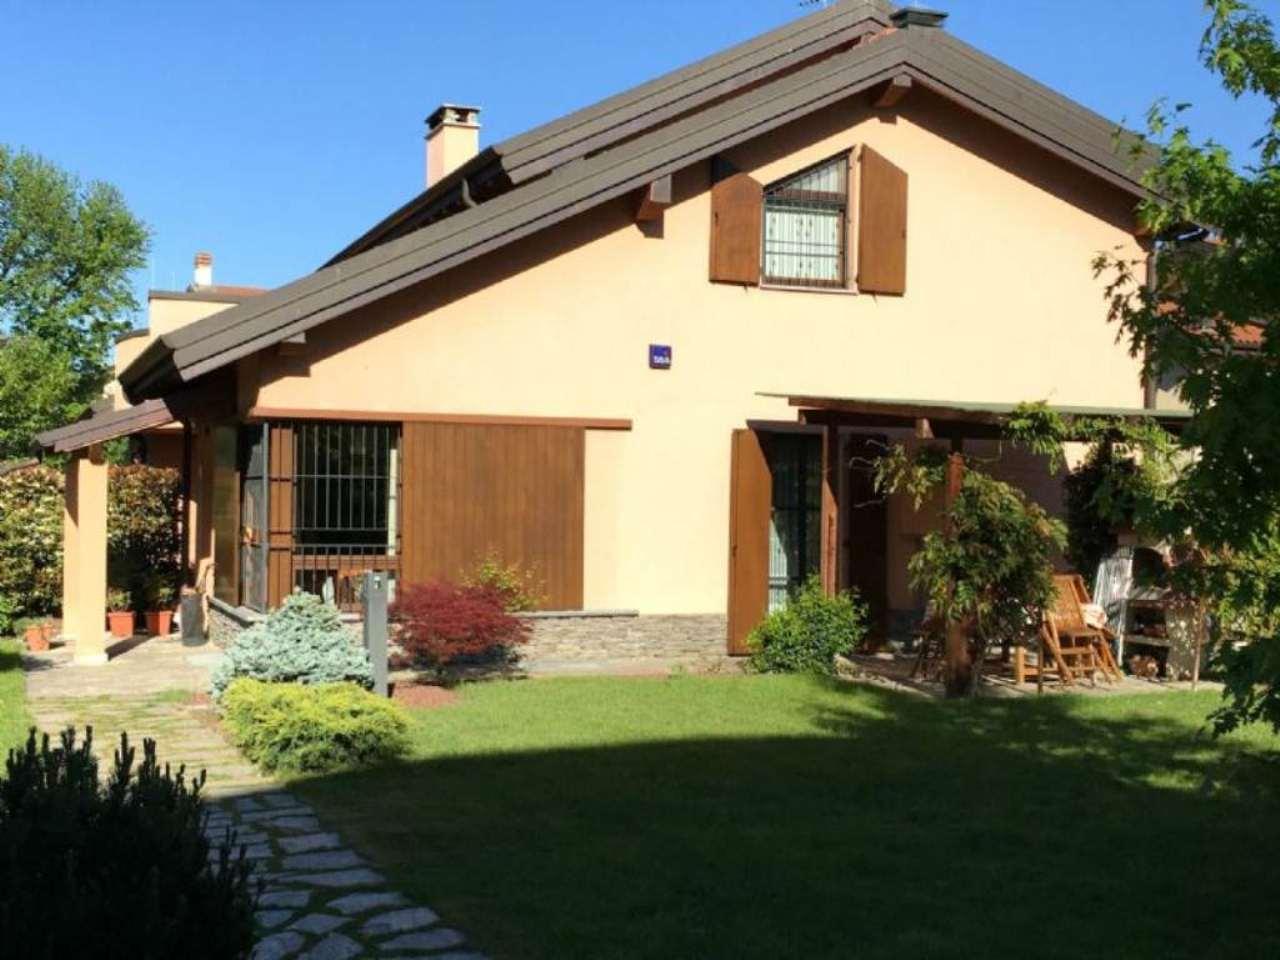 Villa Bifamiliare in Vendita a Cisliano